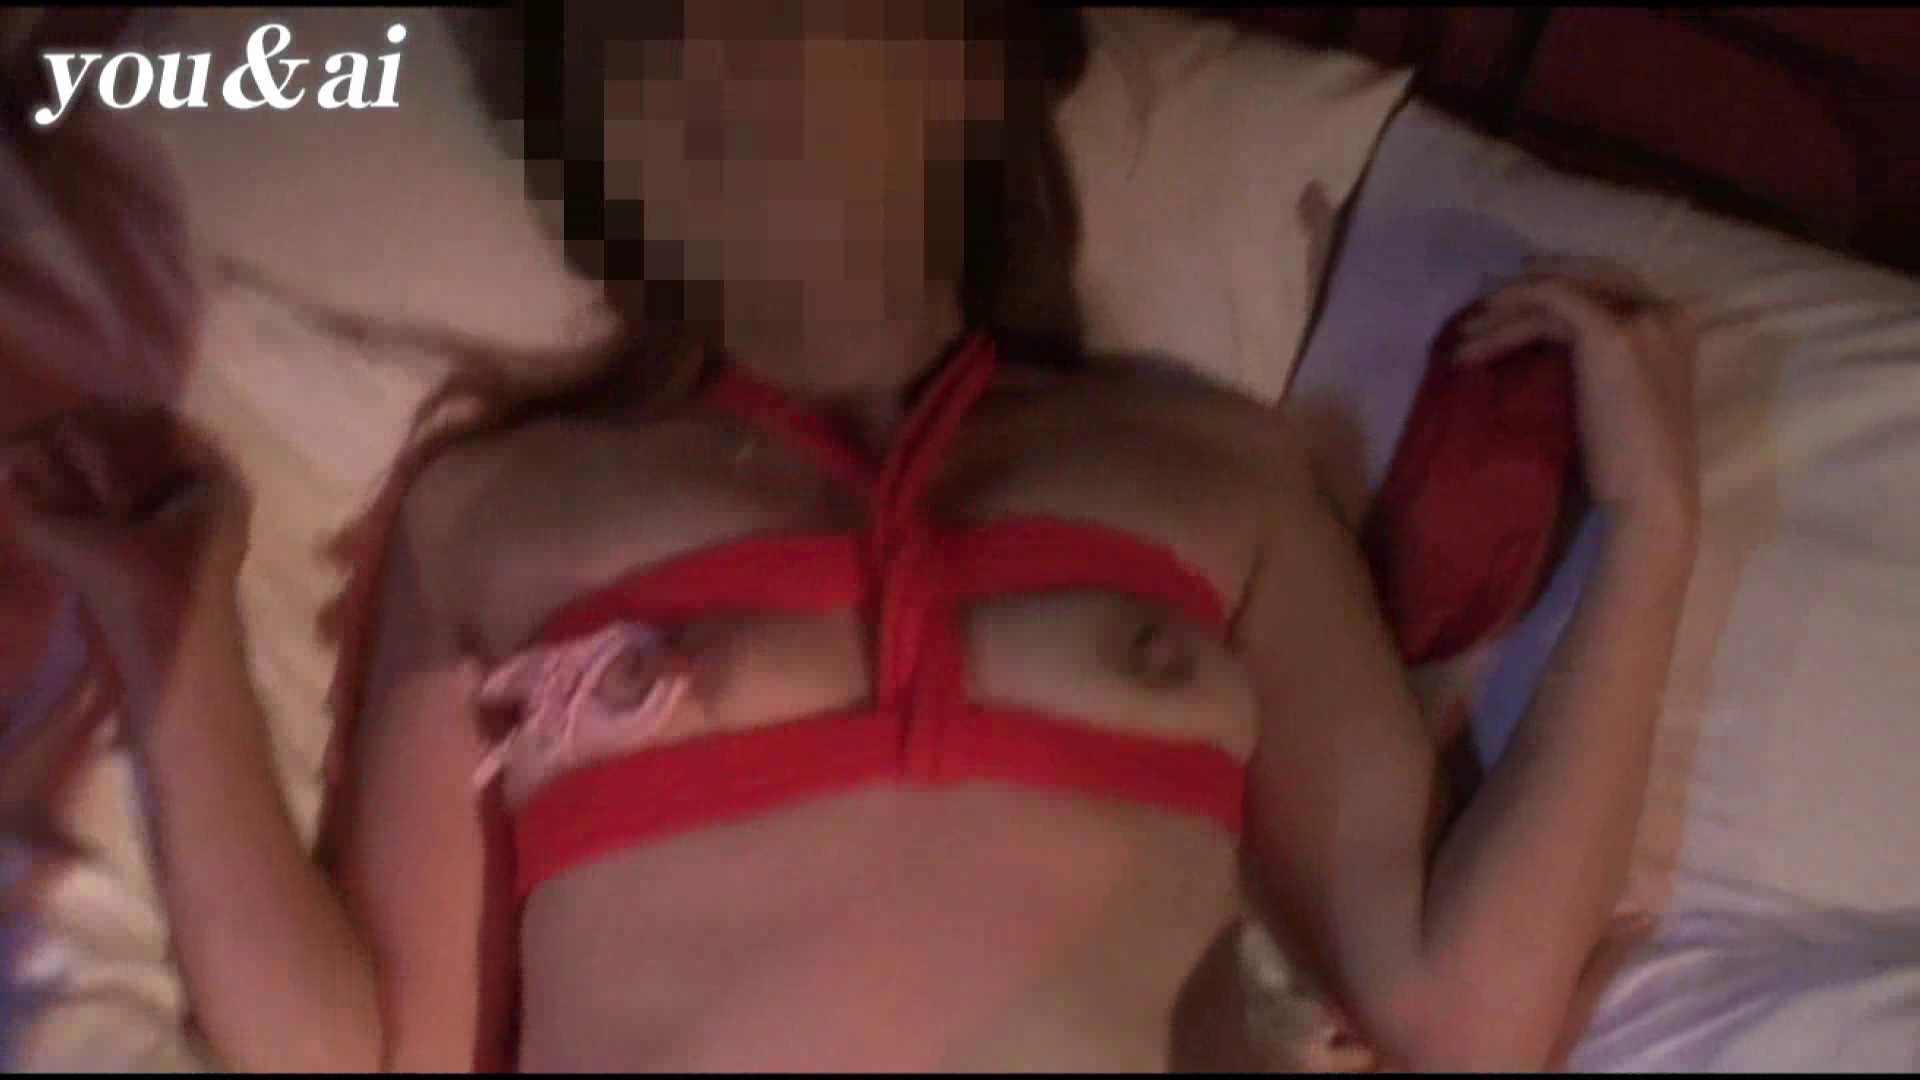 おしどり夫婦のyou&aiさん投稿作品vol.20 投稿映像 盗み撮り動画 106pic 91